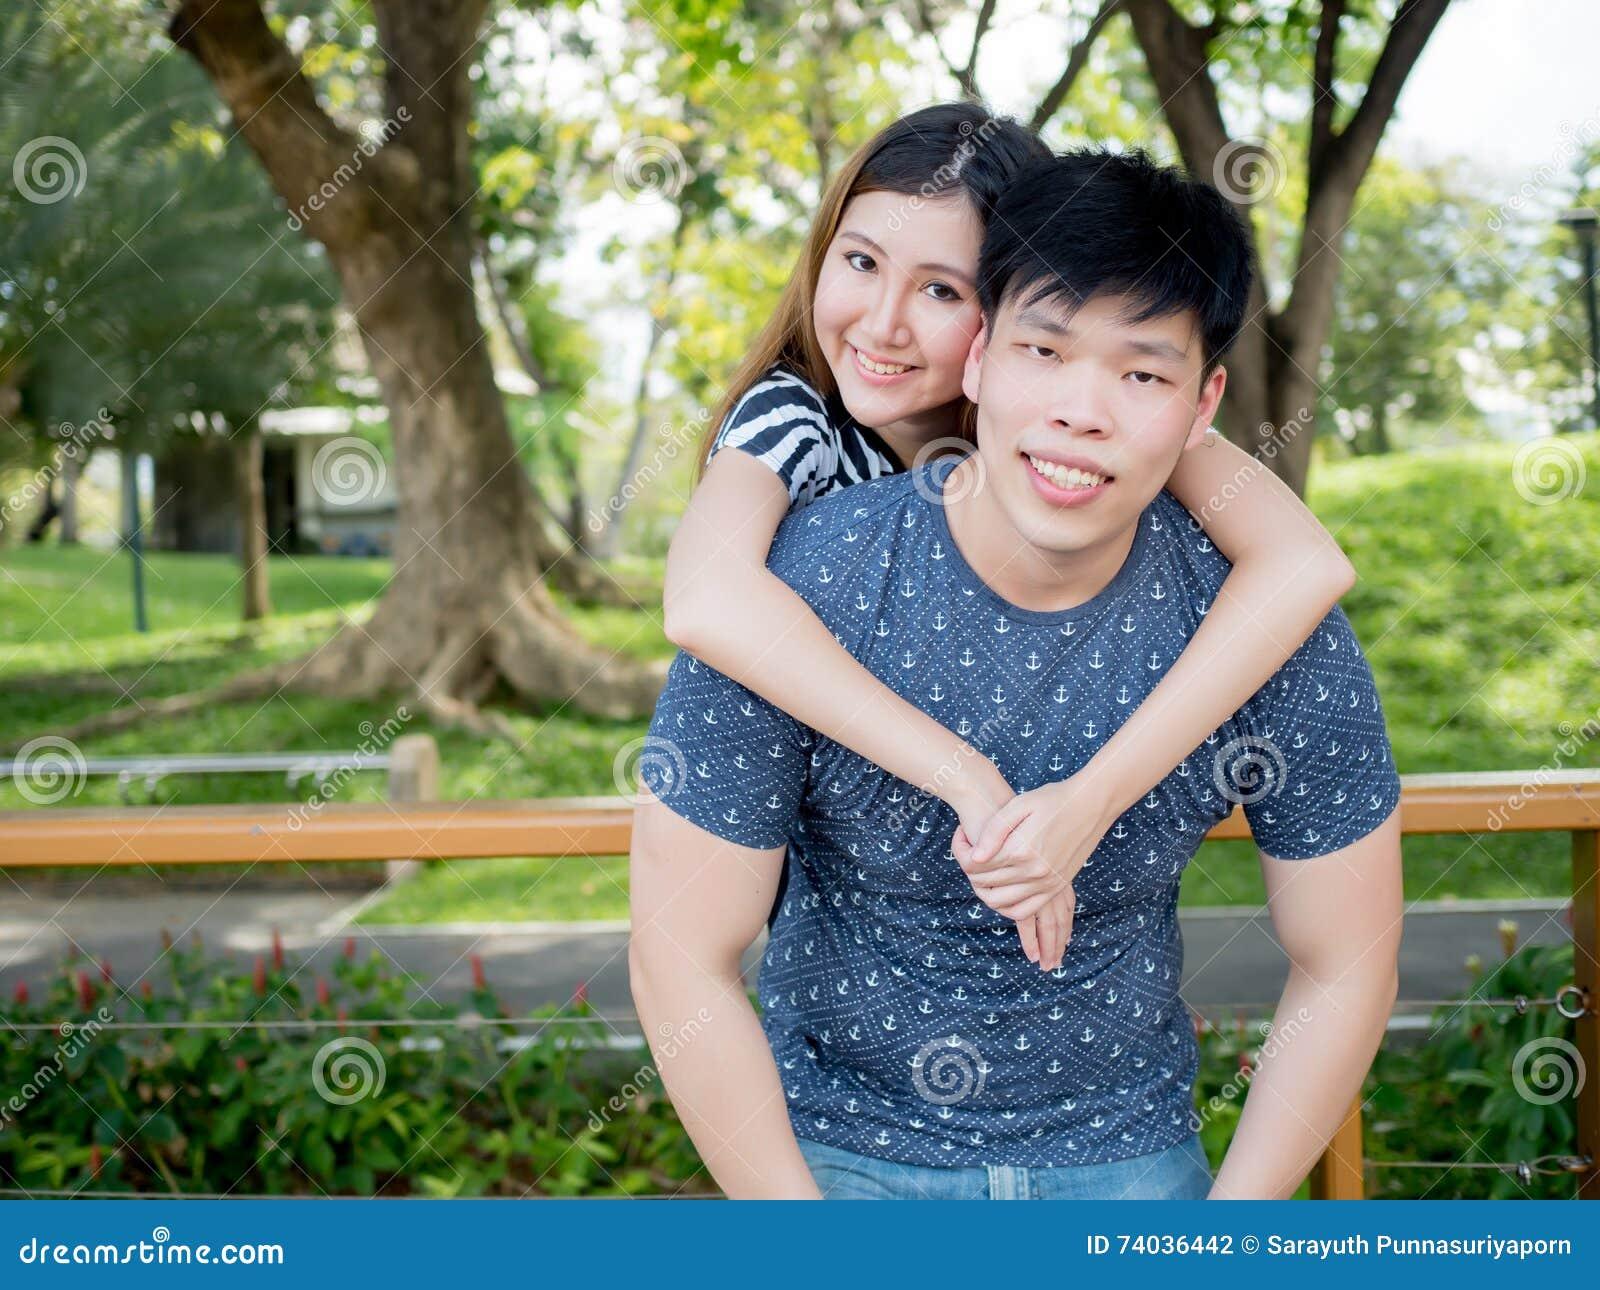 Asiatische Jungs datieren Probleme